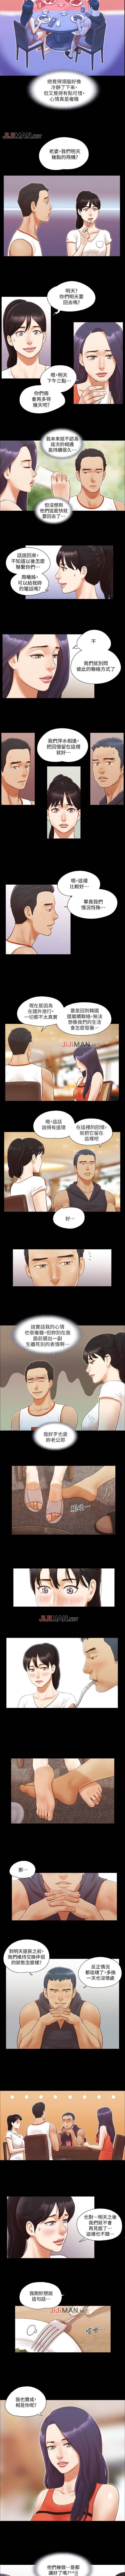 【周五连载】协议换爱(作者:遠德) 第1~62话 42